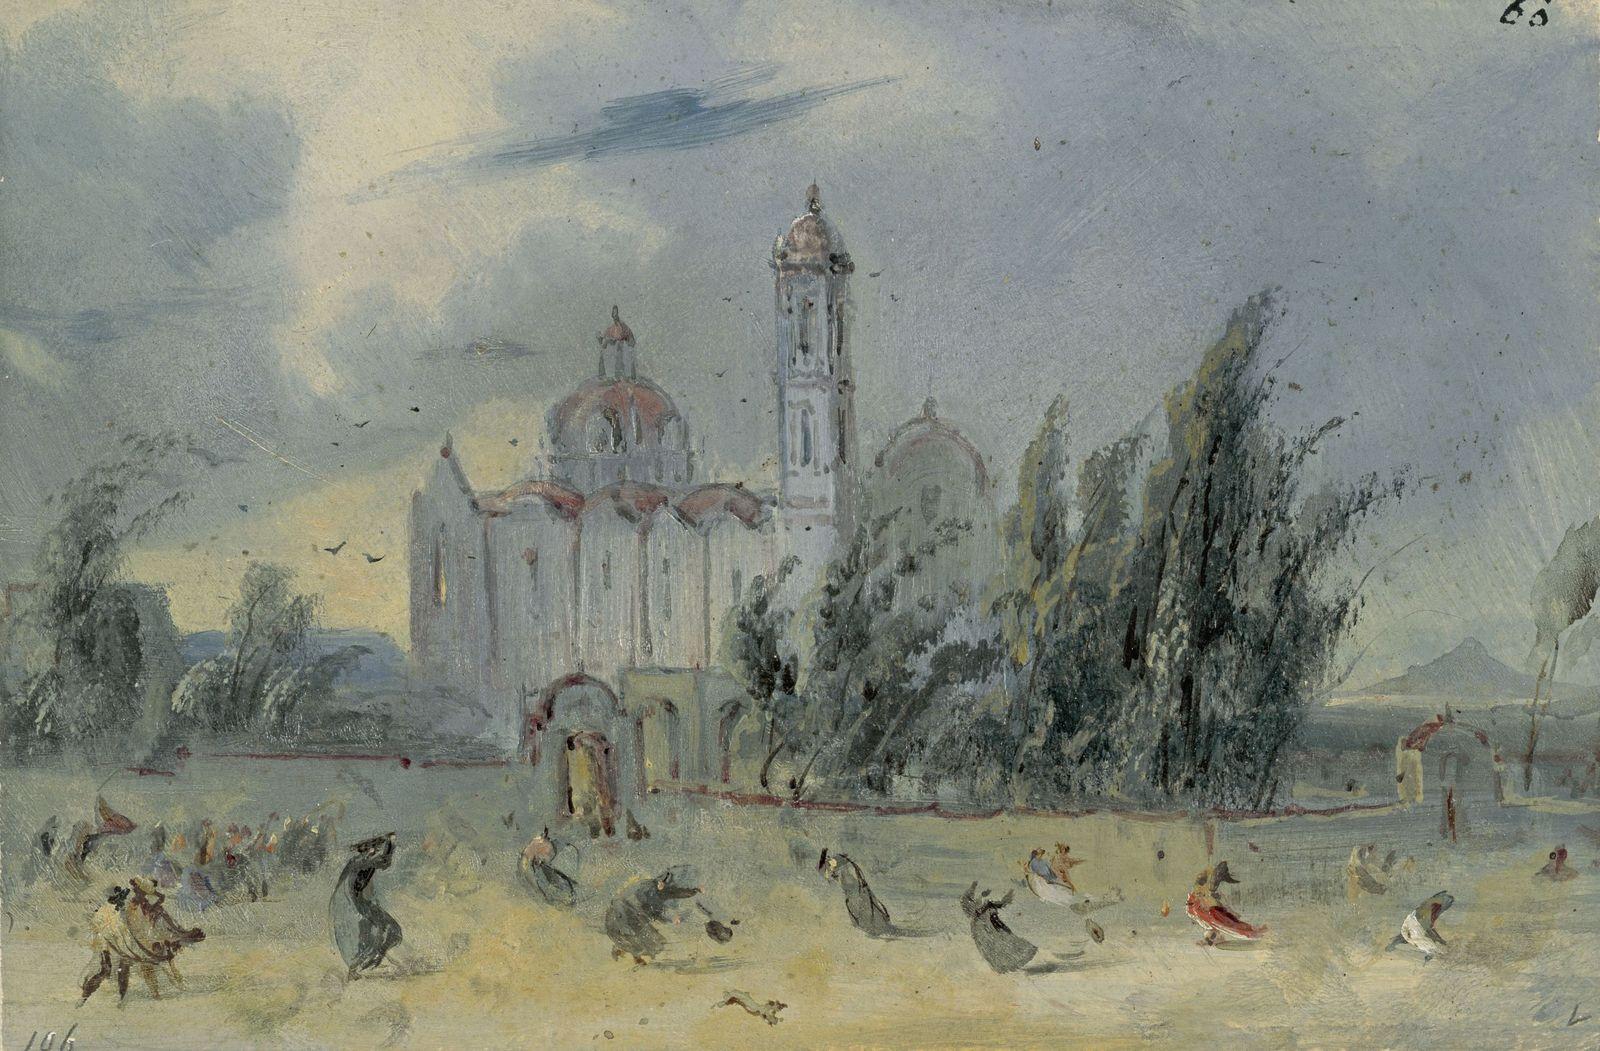 Johann Moritz Rugendas:  Amozoque. Unwetter vor einer Kirche während einer Prozession, ab 1831; Copyright:  bpk / Kupferstichkabinett, SMB / Volker-H. Schneider